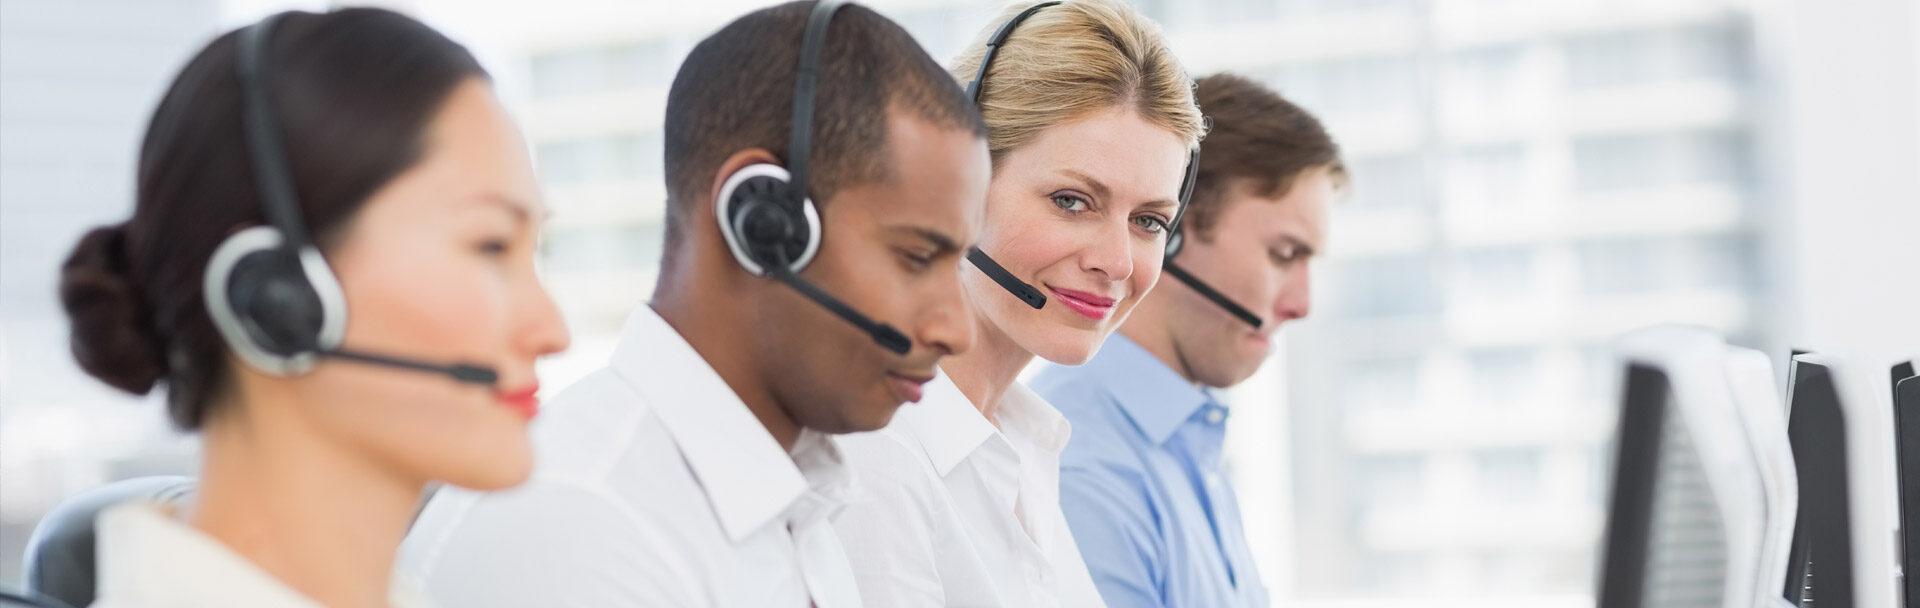 Grip op het digitaliseren van je klantcontact met Customer Service Analytics - Future Facts